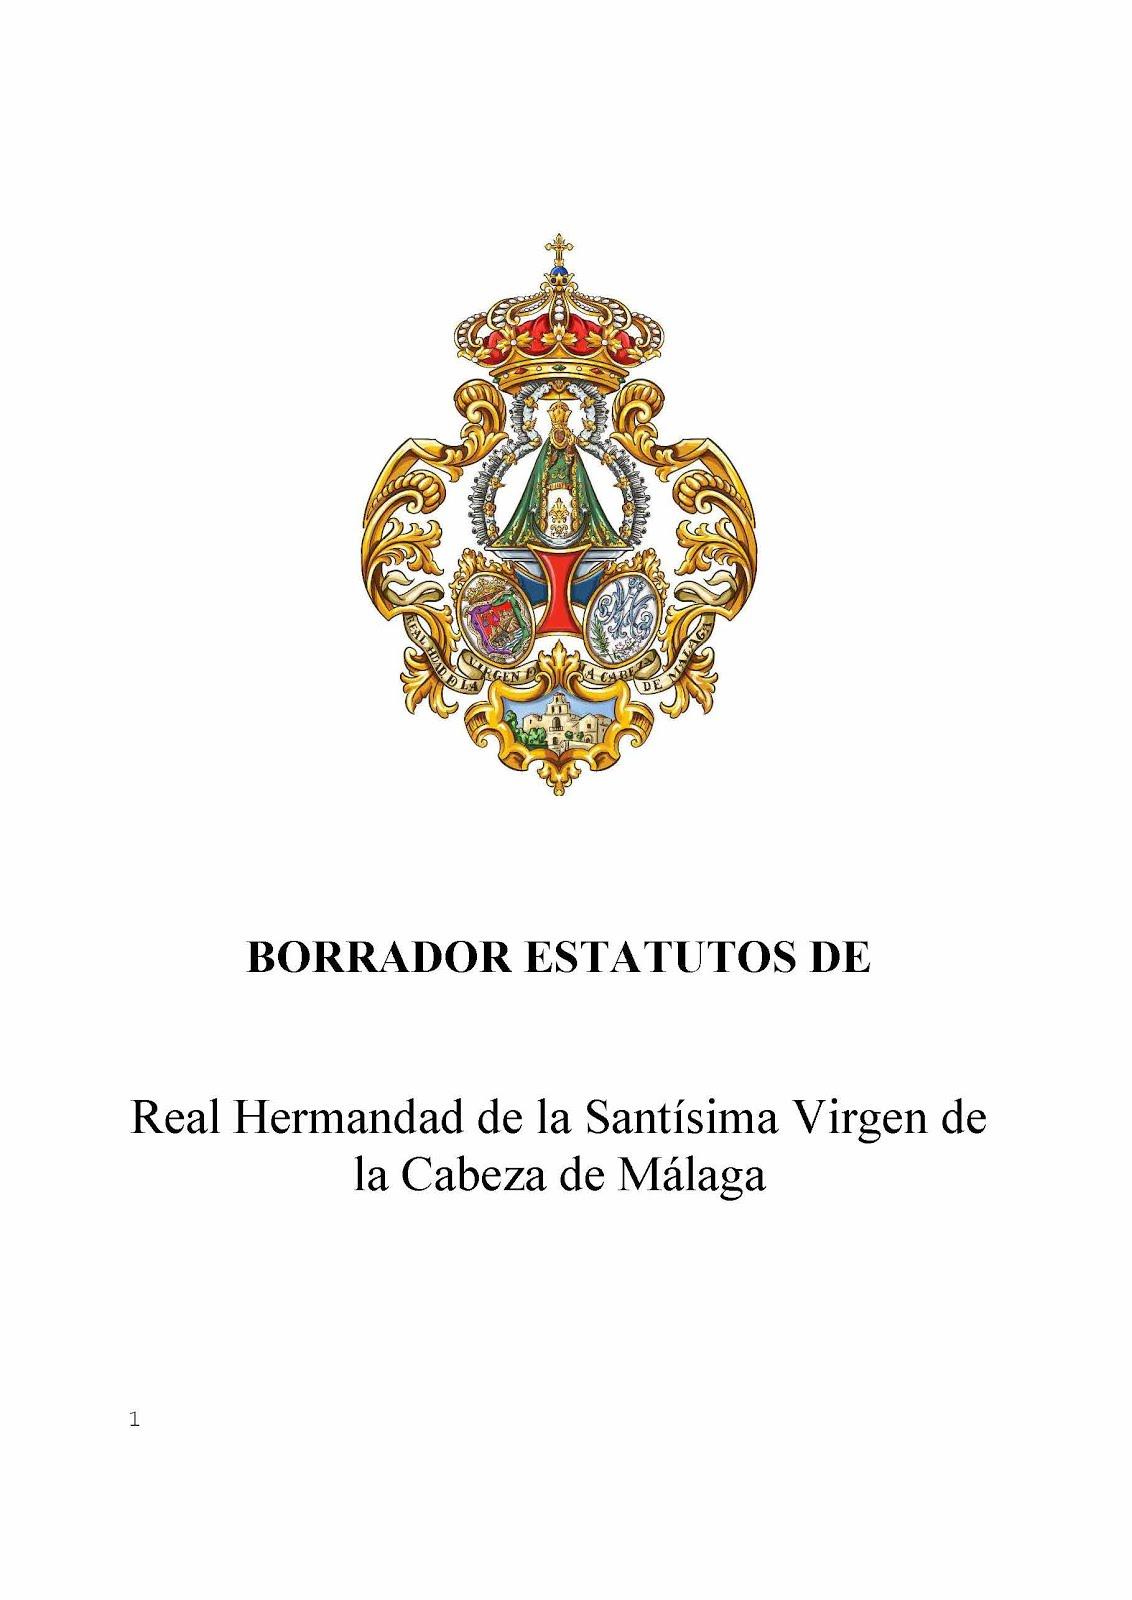 BORRADOR NUEVOS ESTATUTOS REAL HERMANDAD